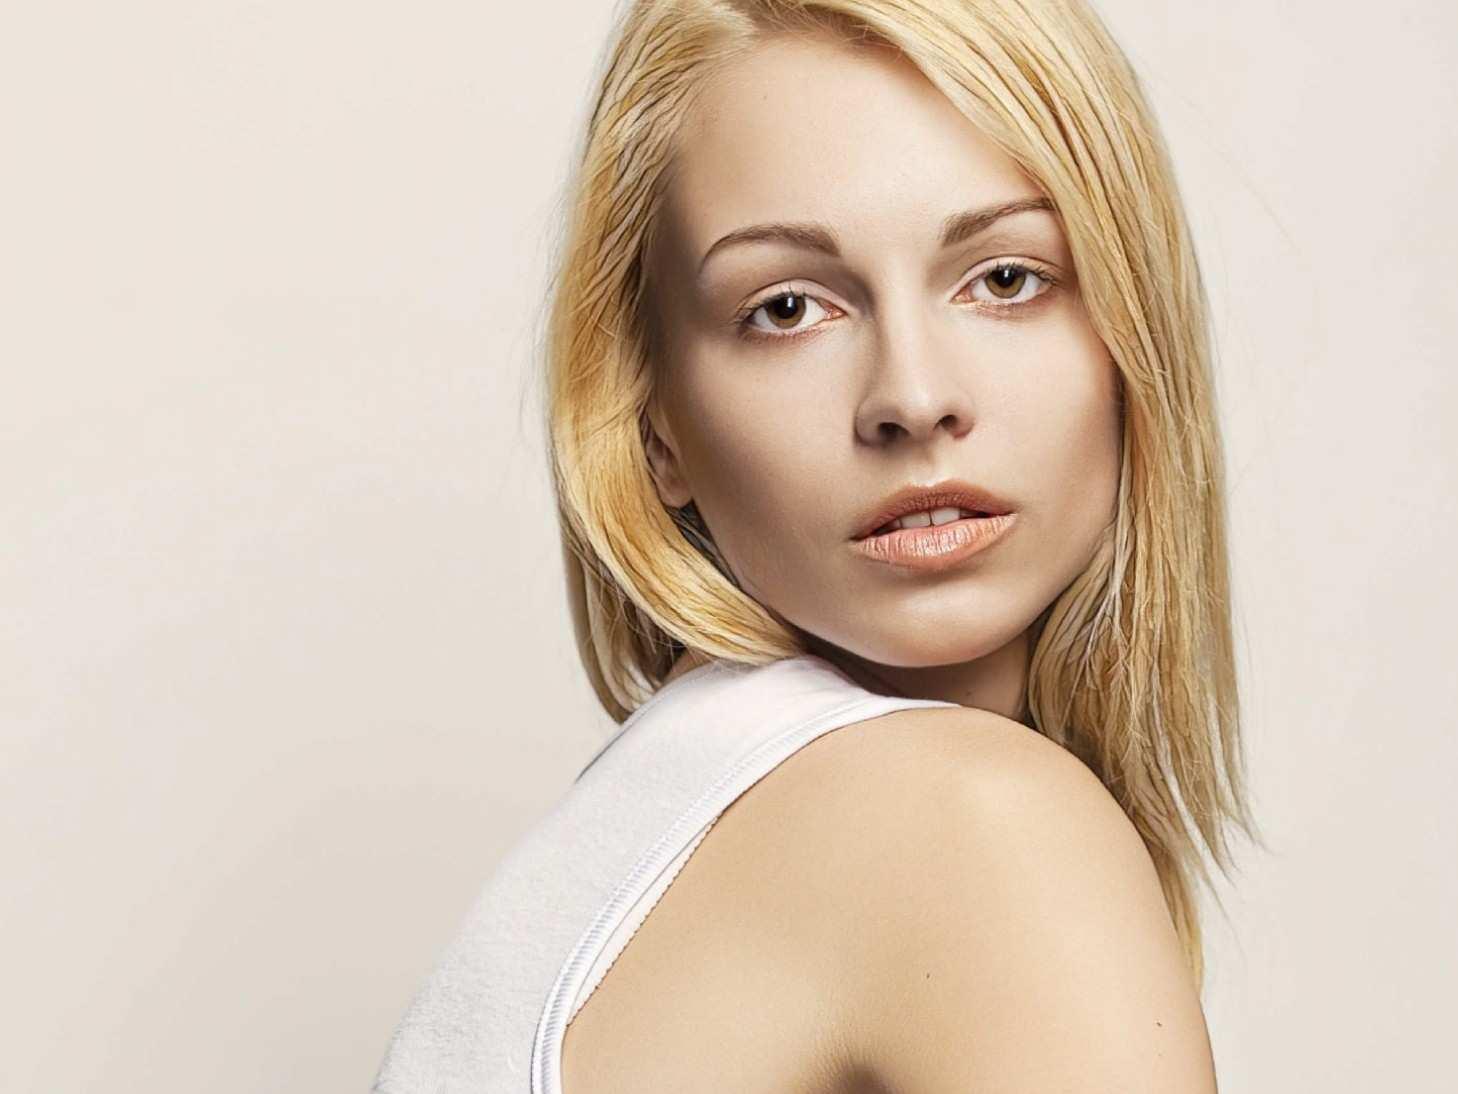 фото девушки после ботулинотерапии у косметолога